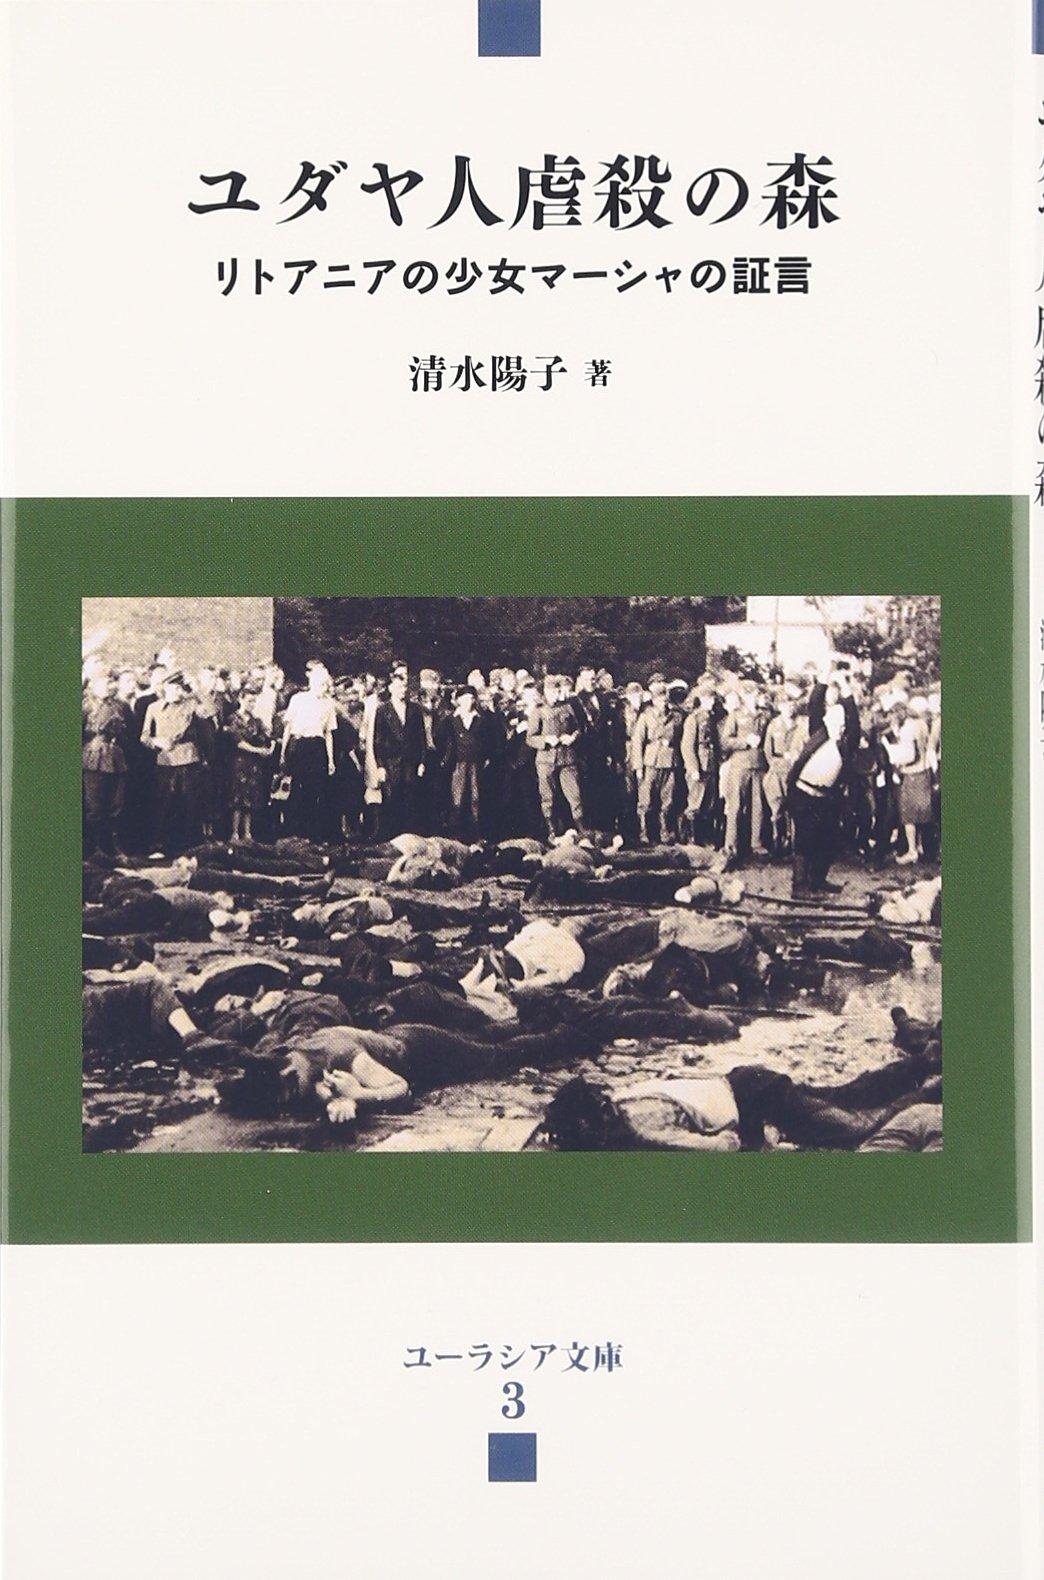 虐殺 ユダヤ 人